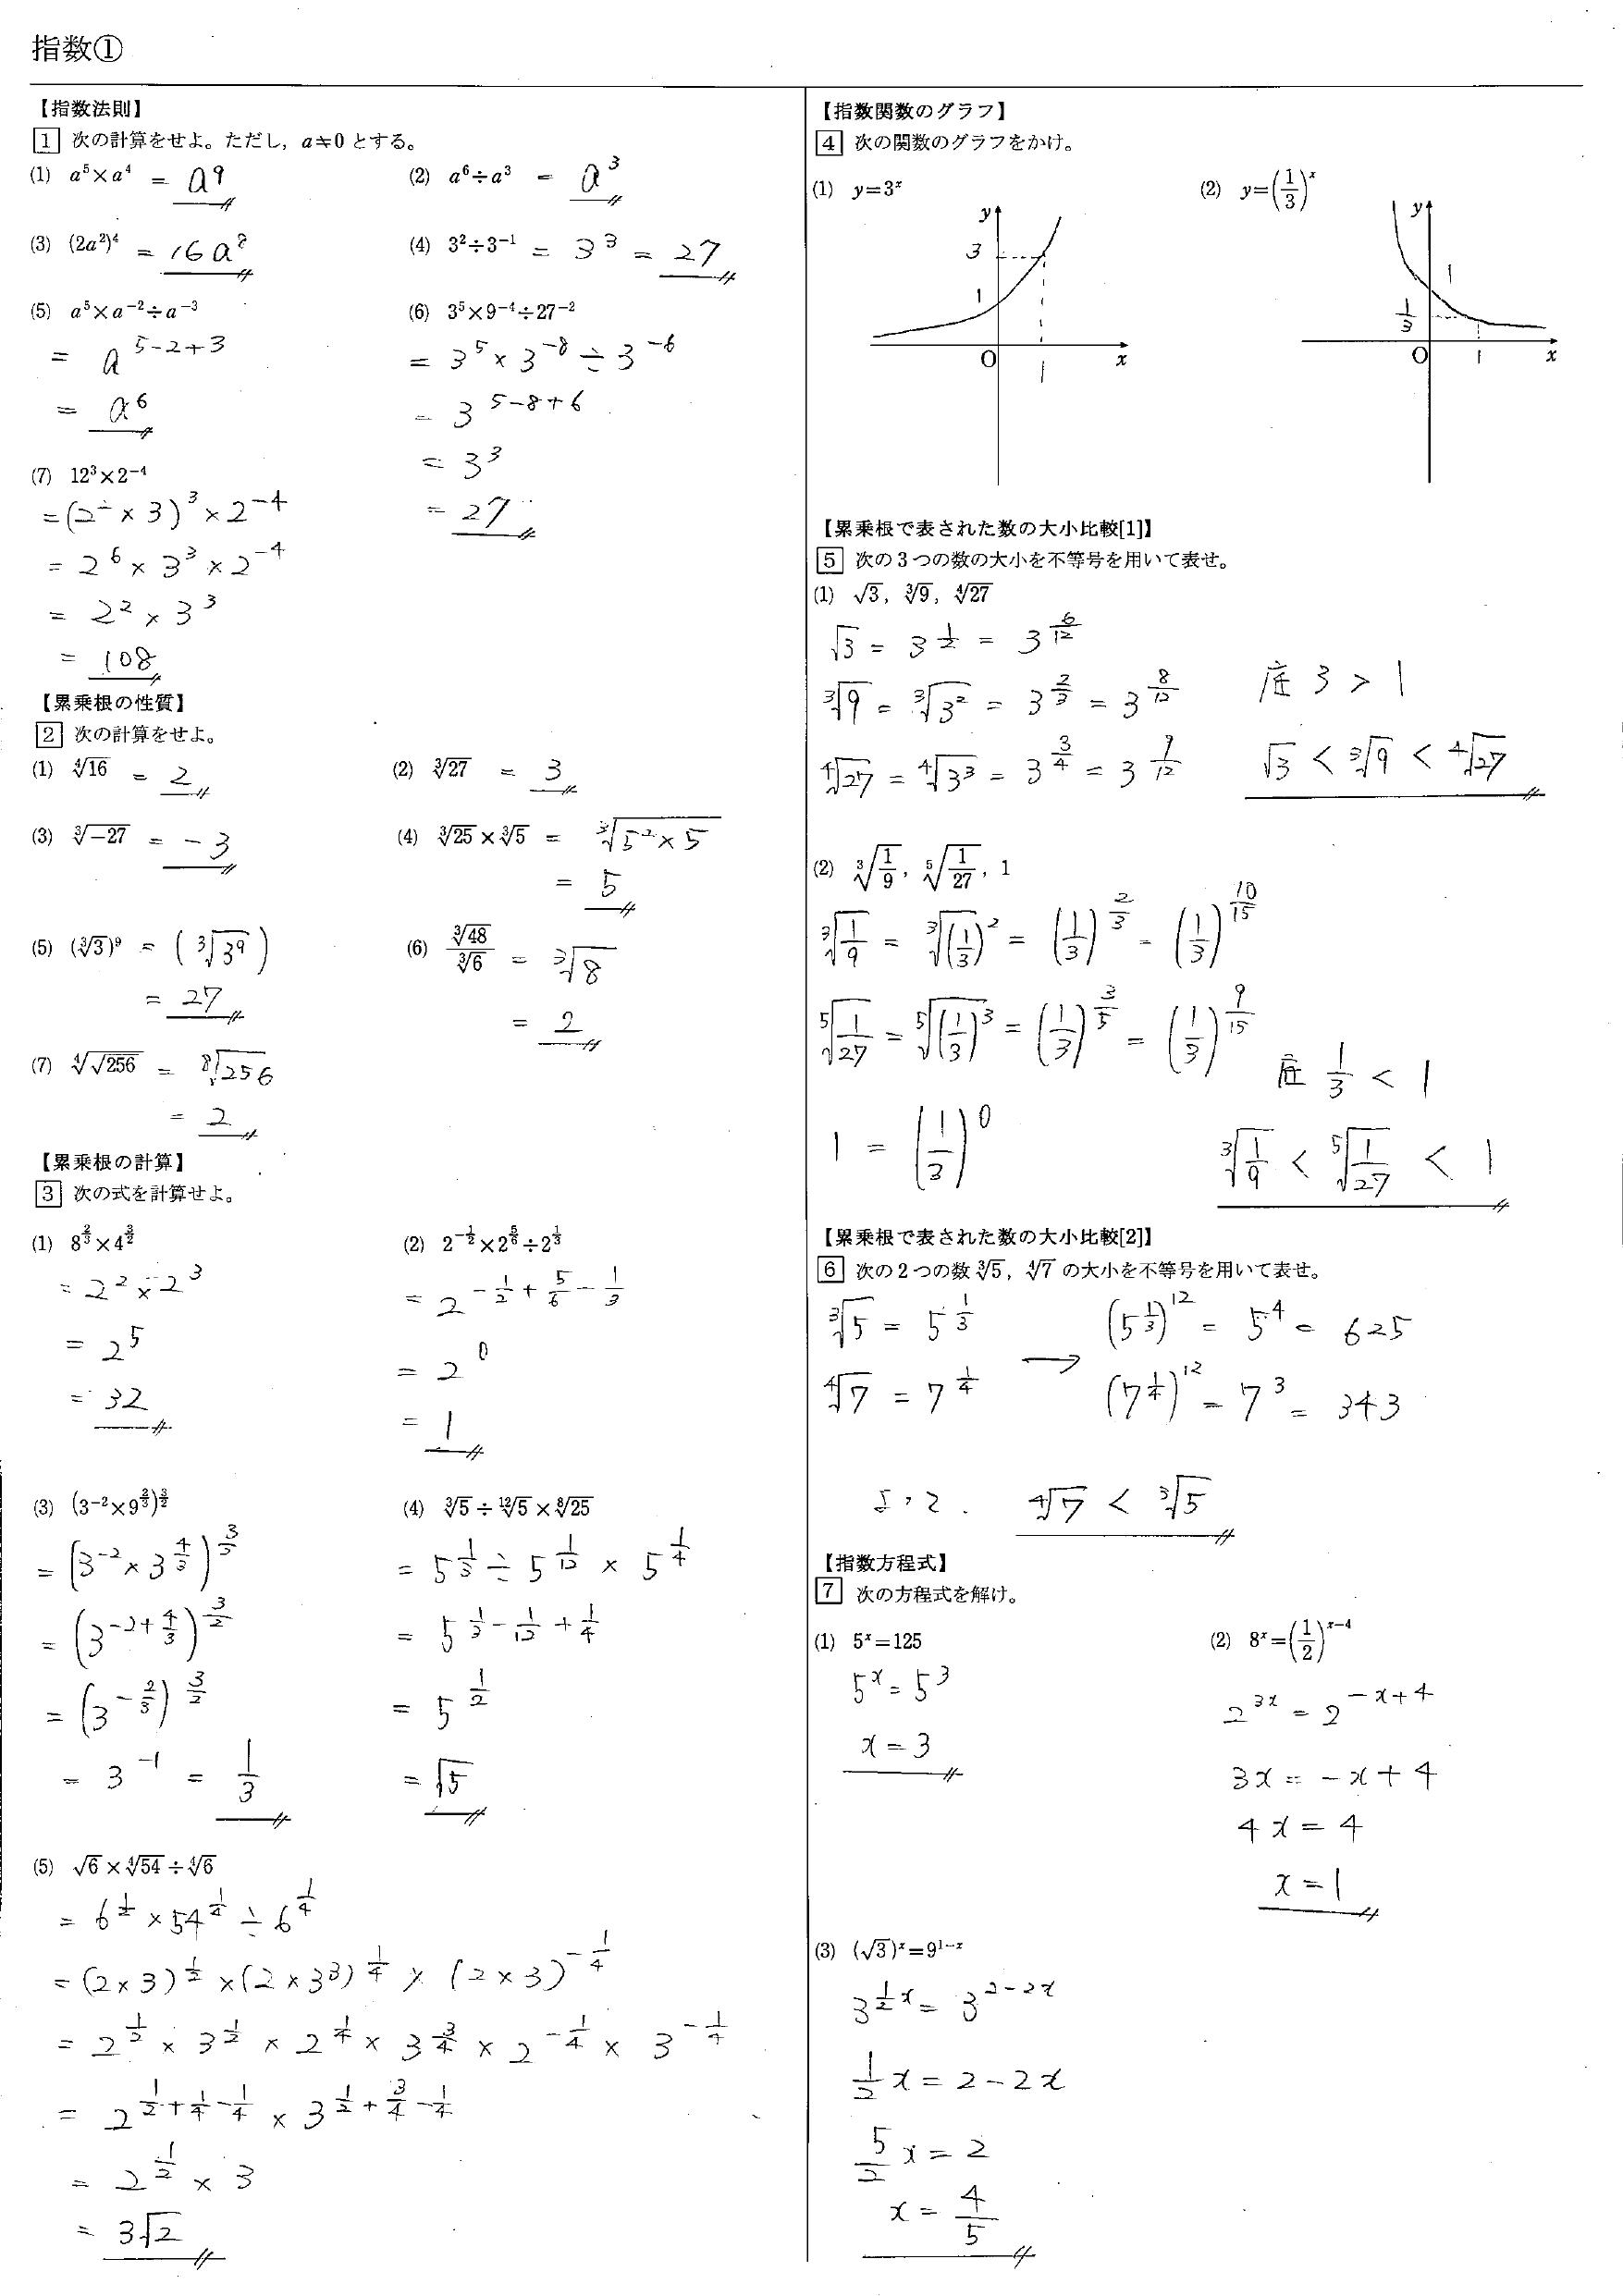 指数関数 教科書 まとめ 一覧 問題 解答